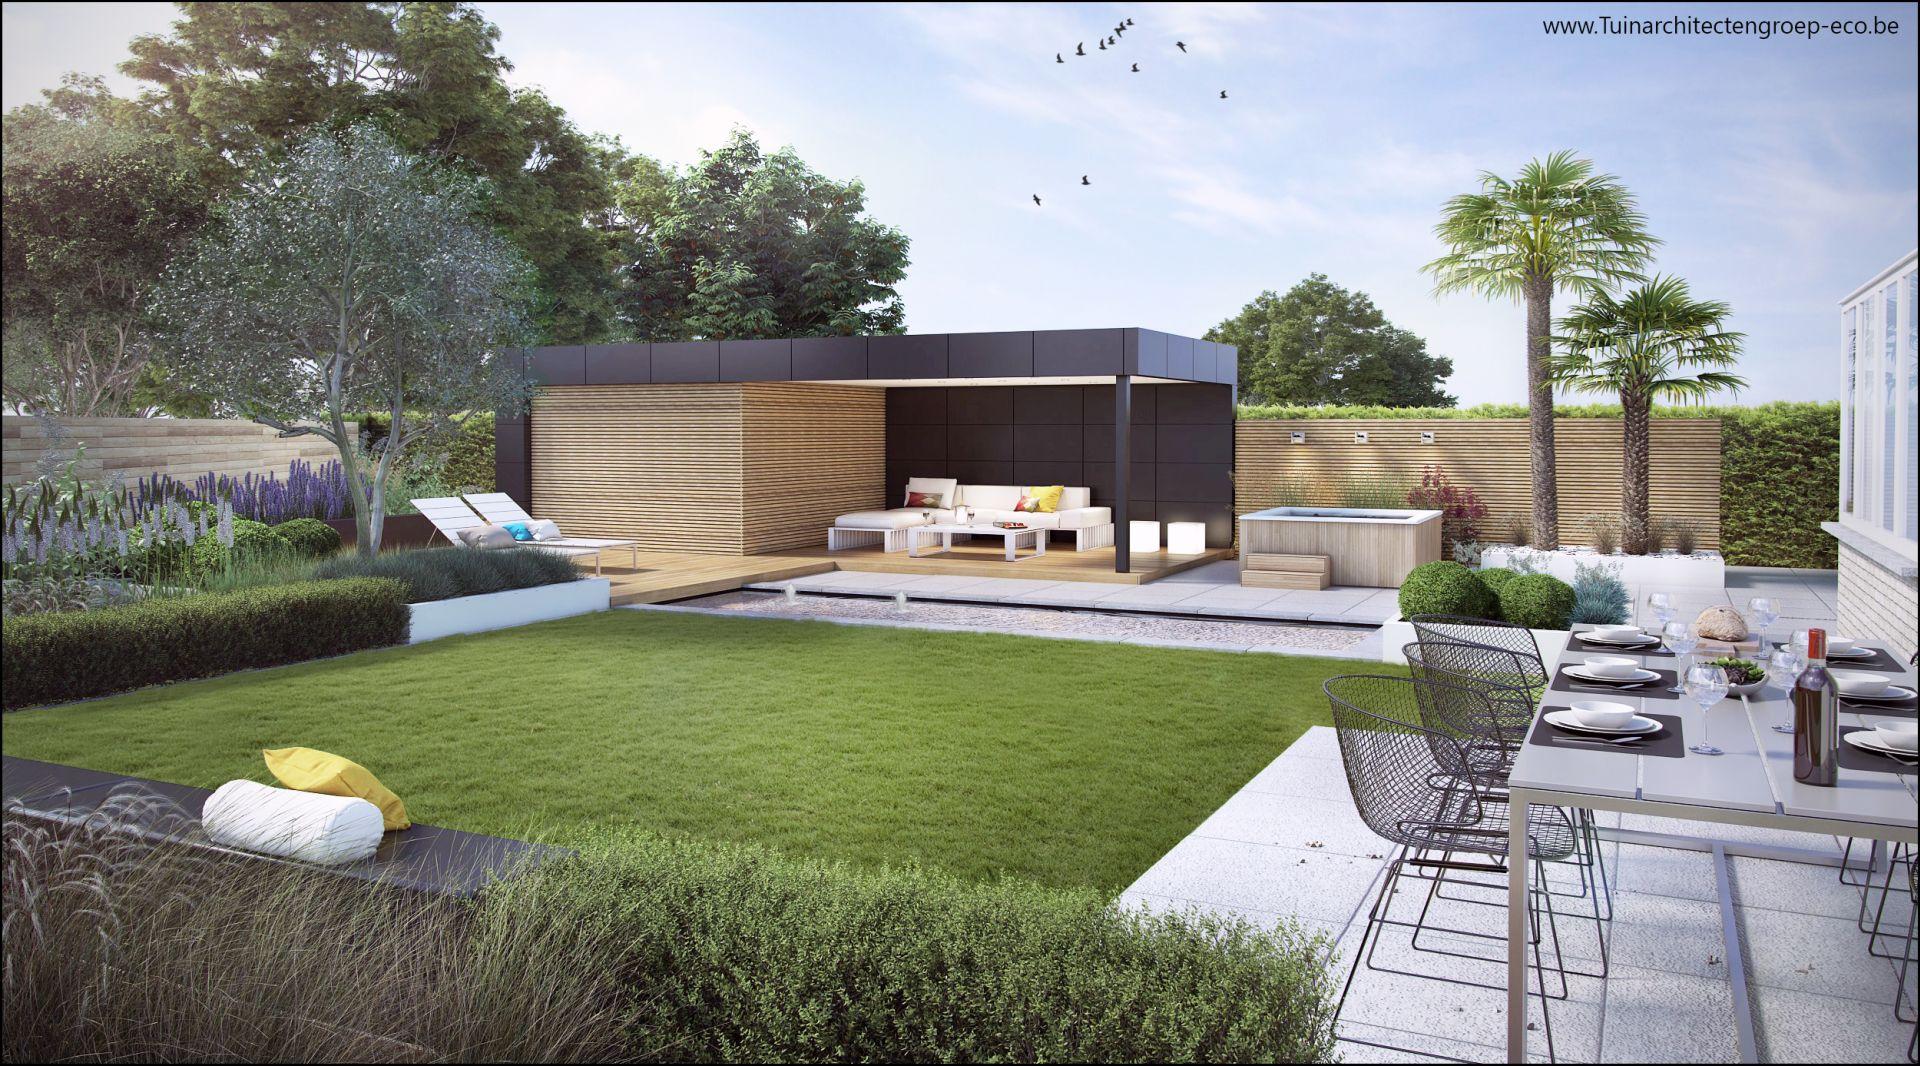 Eco tuinarchitectengroep 3d projecten loungetuin met for Tuinaanleg modern